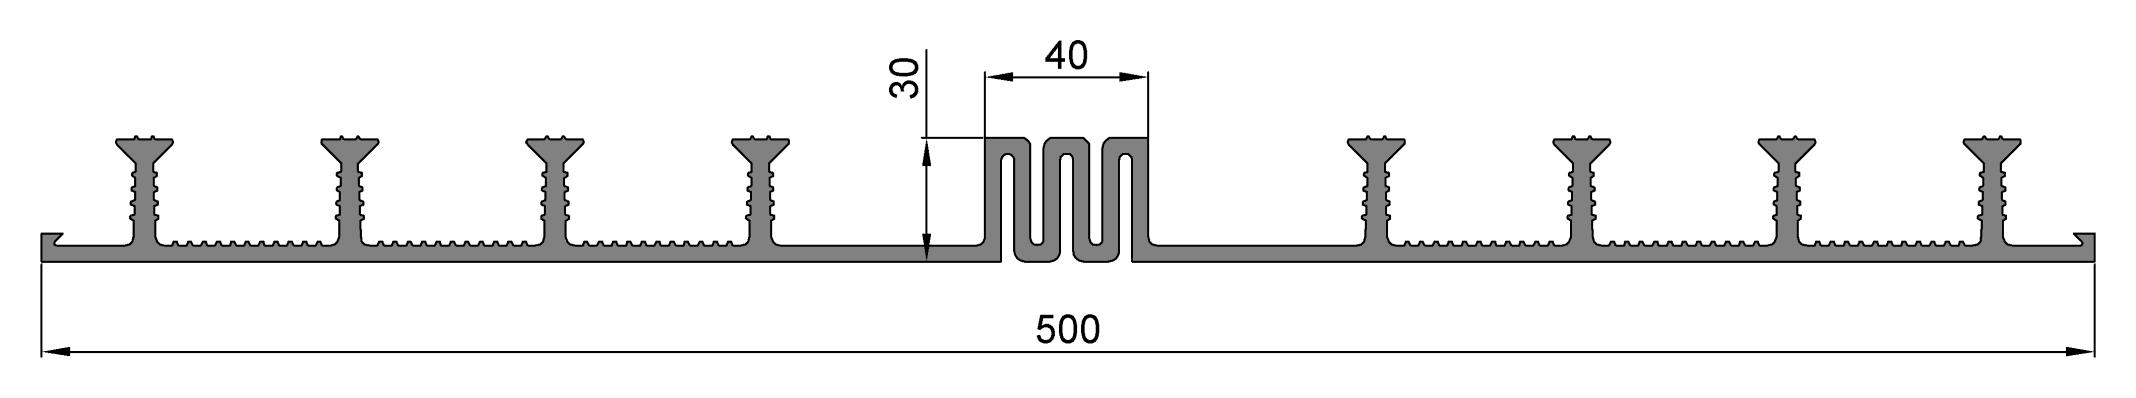 Гидрошпонка ОД-500-40, ПВХ-П, ширина 500 мм, шов 40 мм